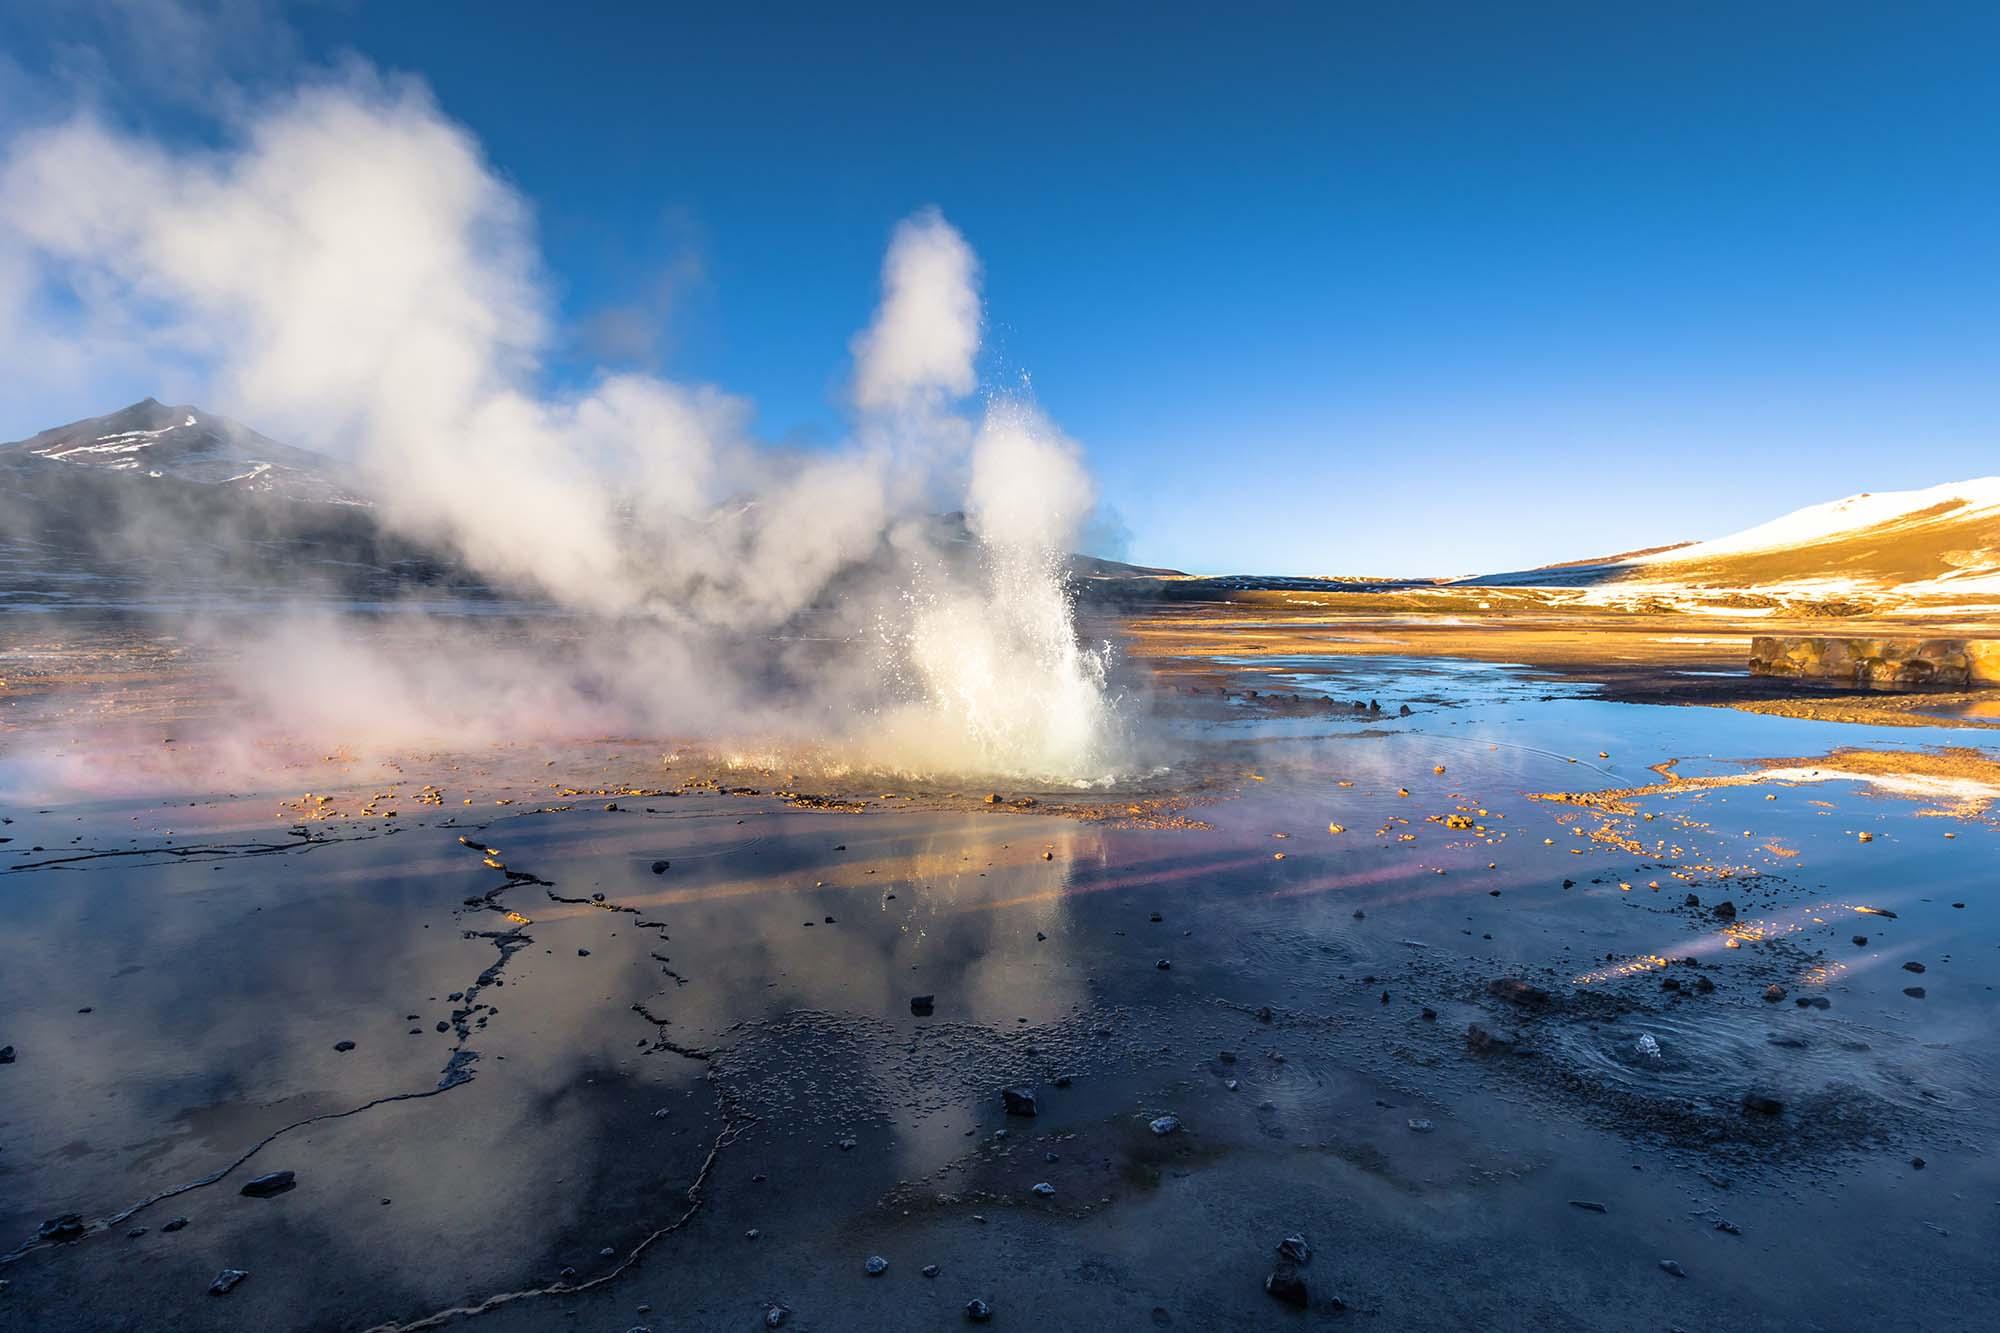 Circuit dans le désert d'Atacama à la découverte des geysers du Tatio au Chili